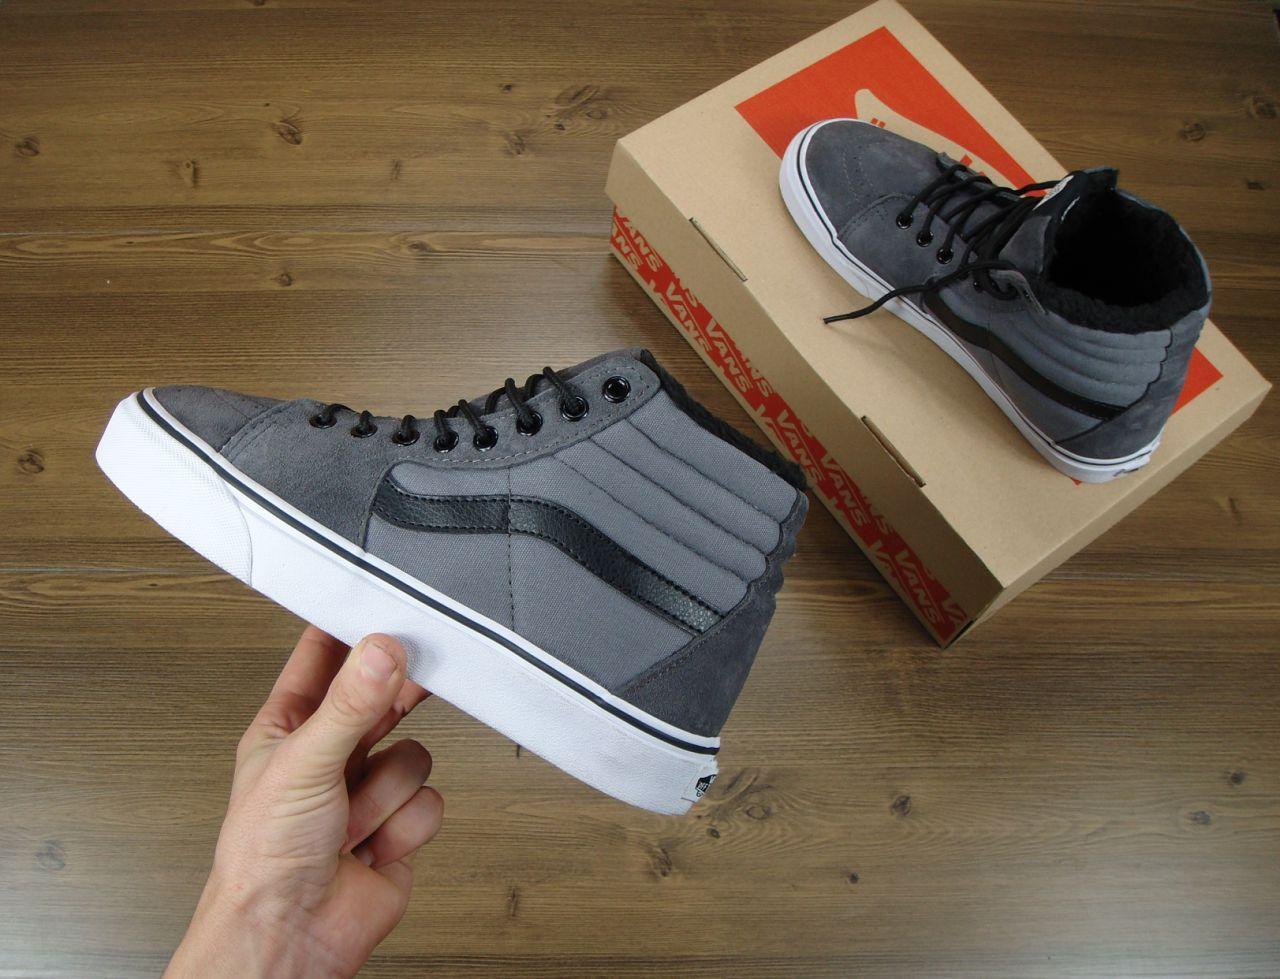 ca8e1f299a9d Зимние высокие кеды Vans мужские (серые) - Интернет-магазин стильной одежды  и обуви